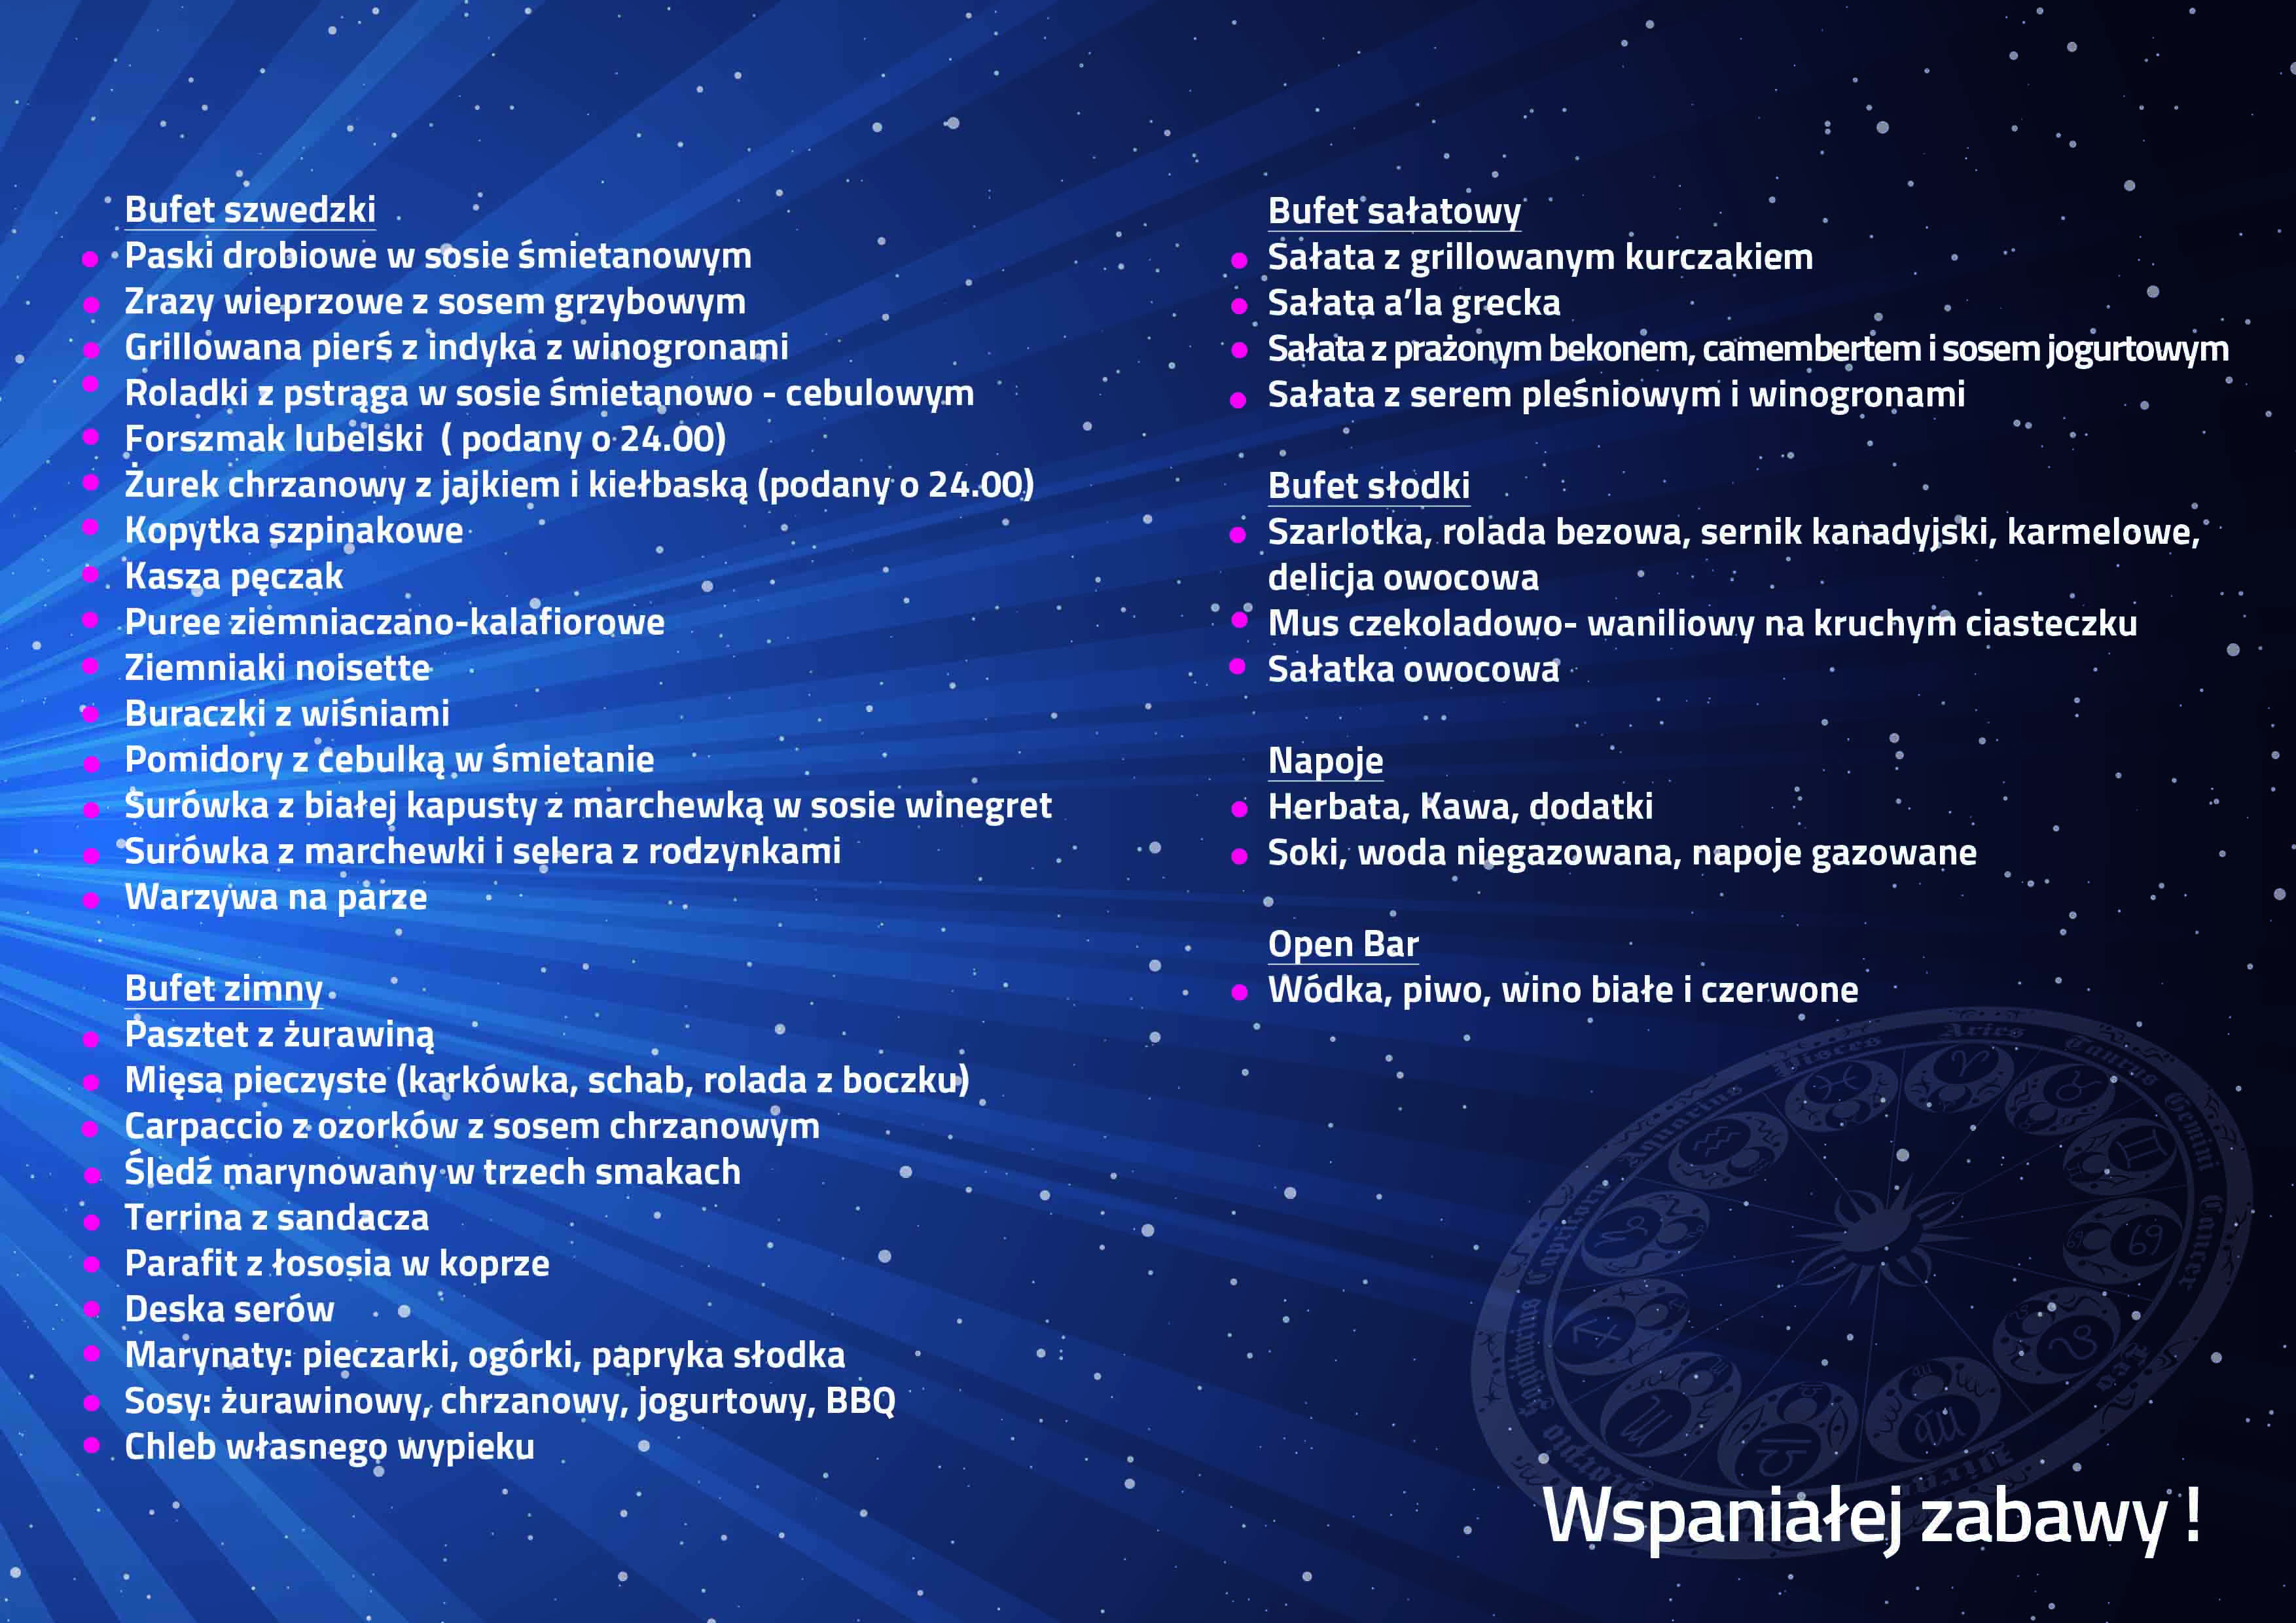 http://m.eranova.pl/2017/09/orig/menu-a4zlozone-eranva-andrzejki-menu-srodek-2459.jpg